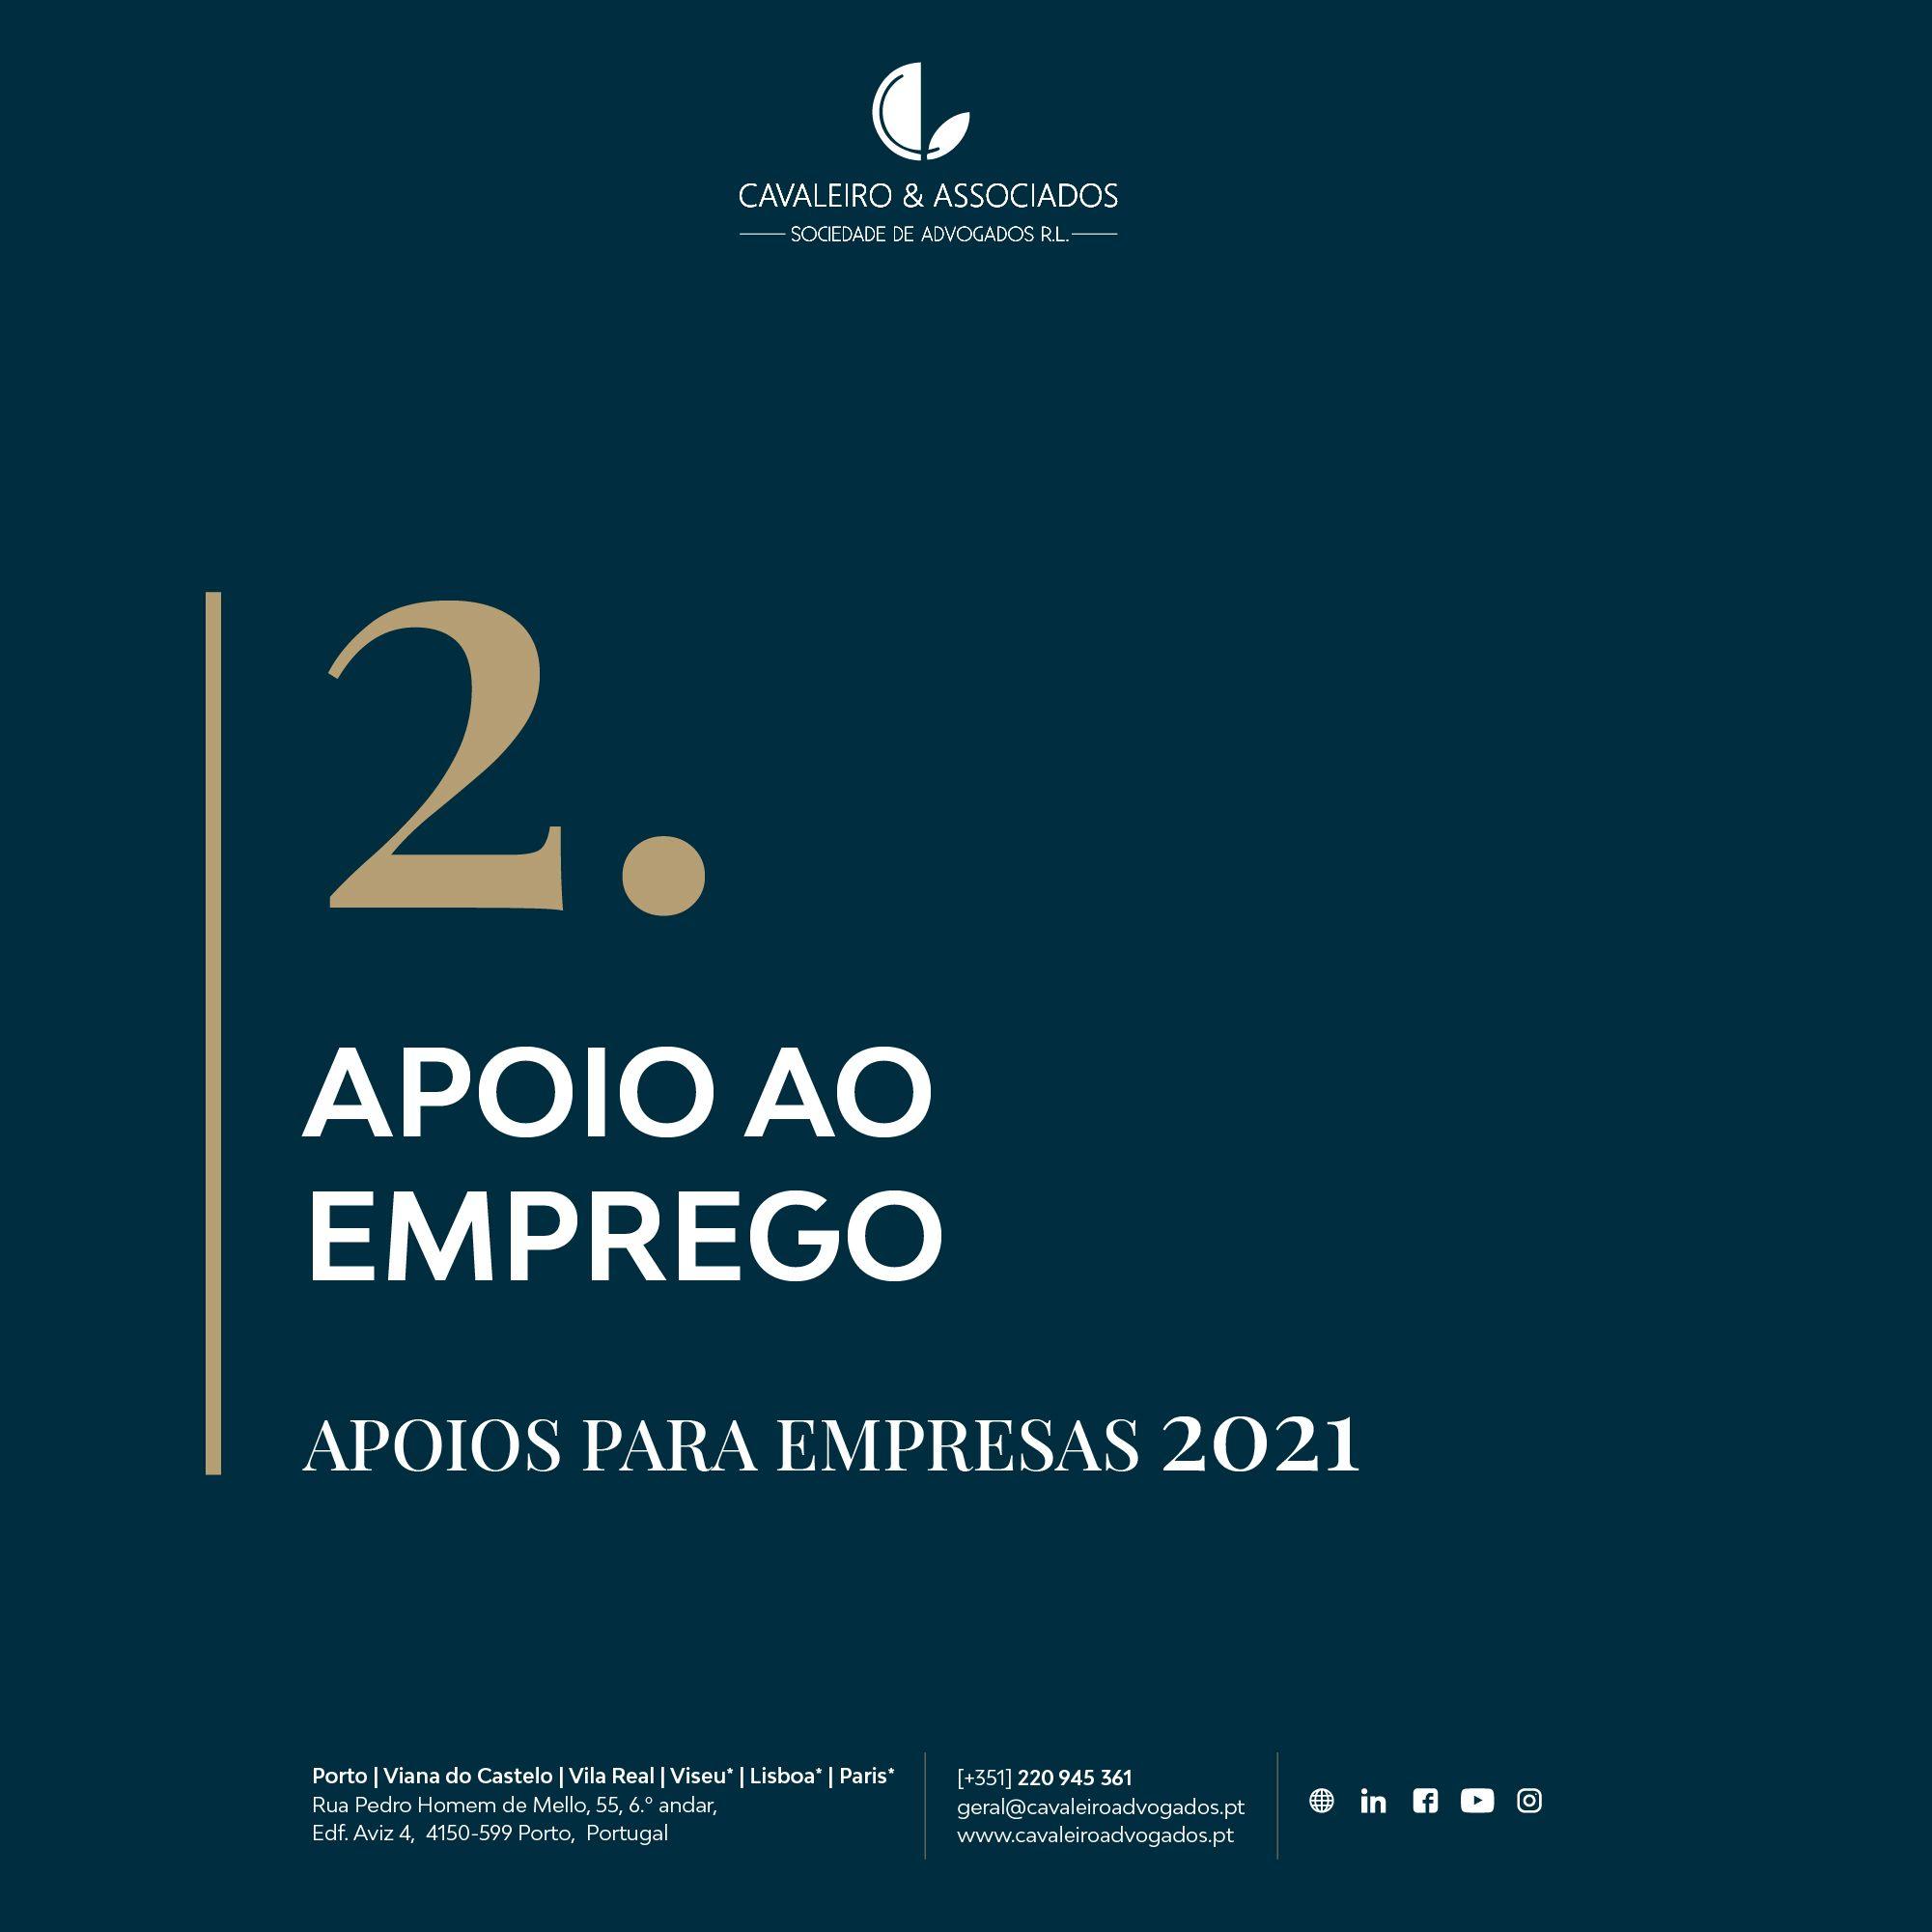 2. APOIO AO EMPREGO I APOIOS PARA EMPRESAS 2021